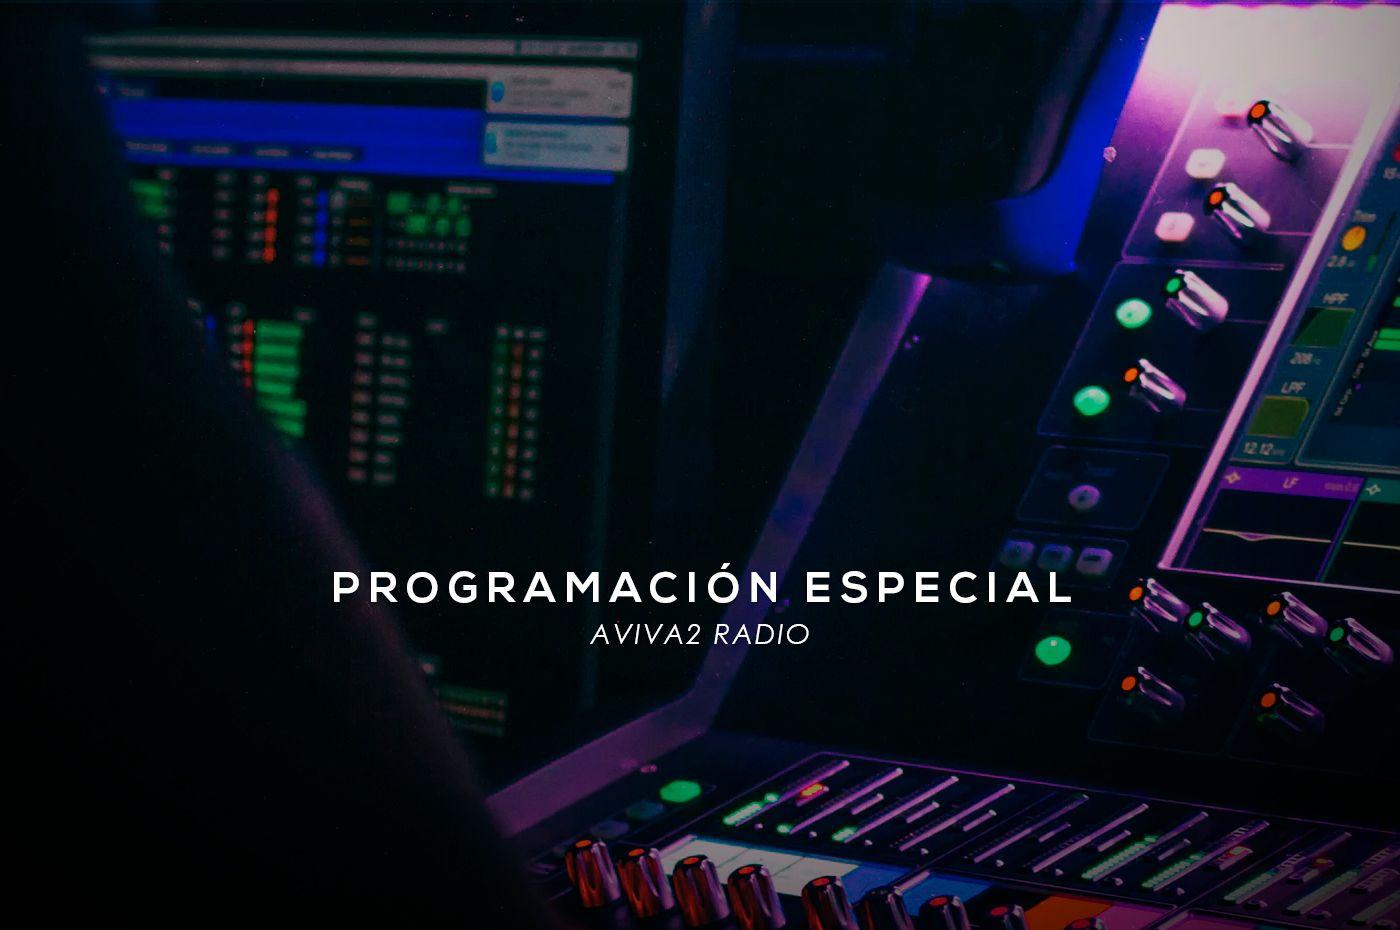 Conoce la programación especial de Aviva2 para el 14 de mayo